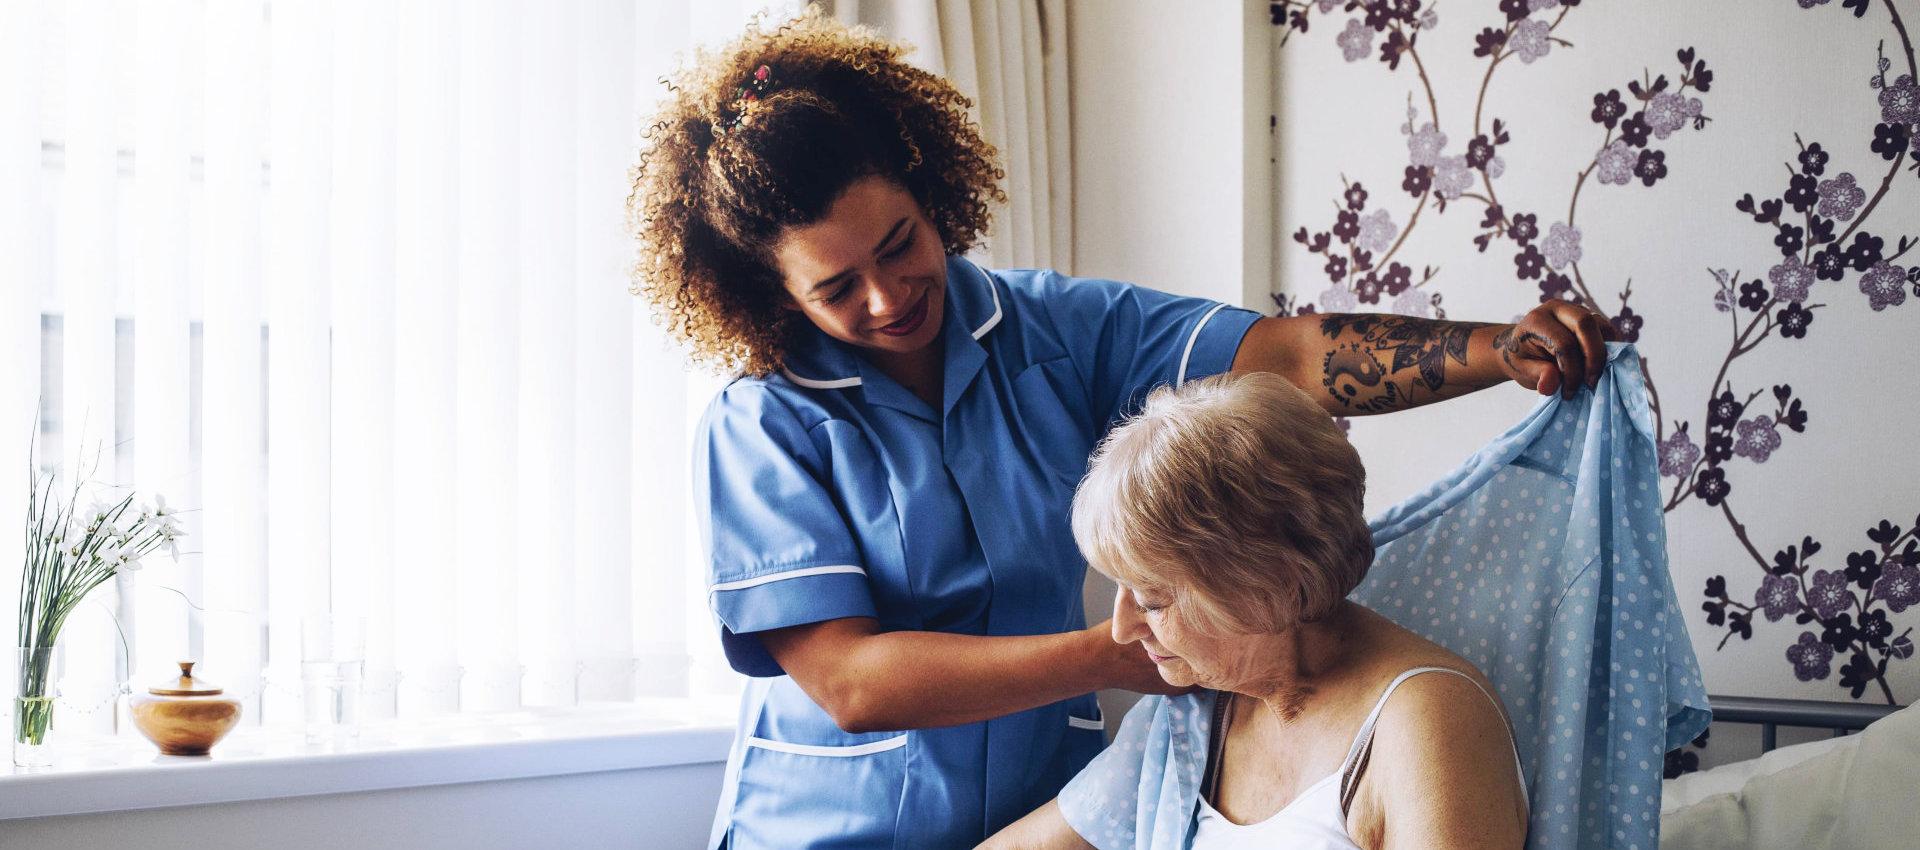 a caregiver woman helping an elderly woman